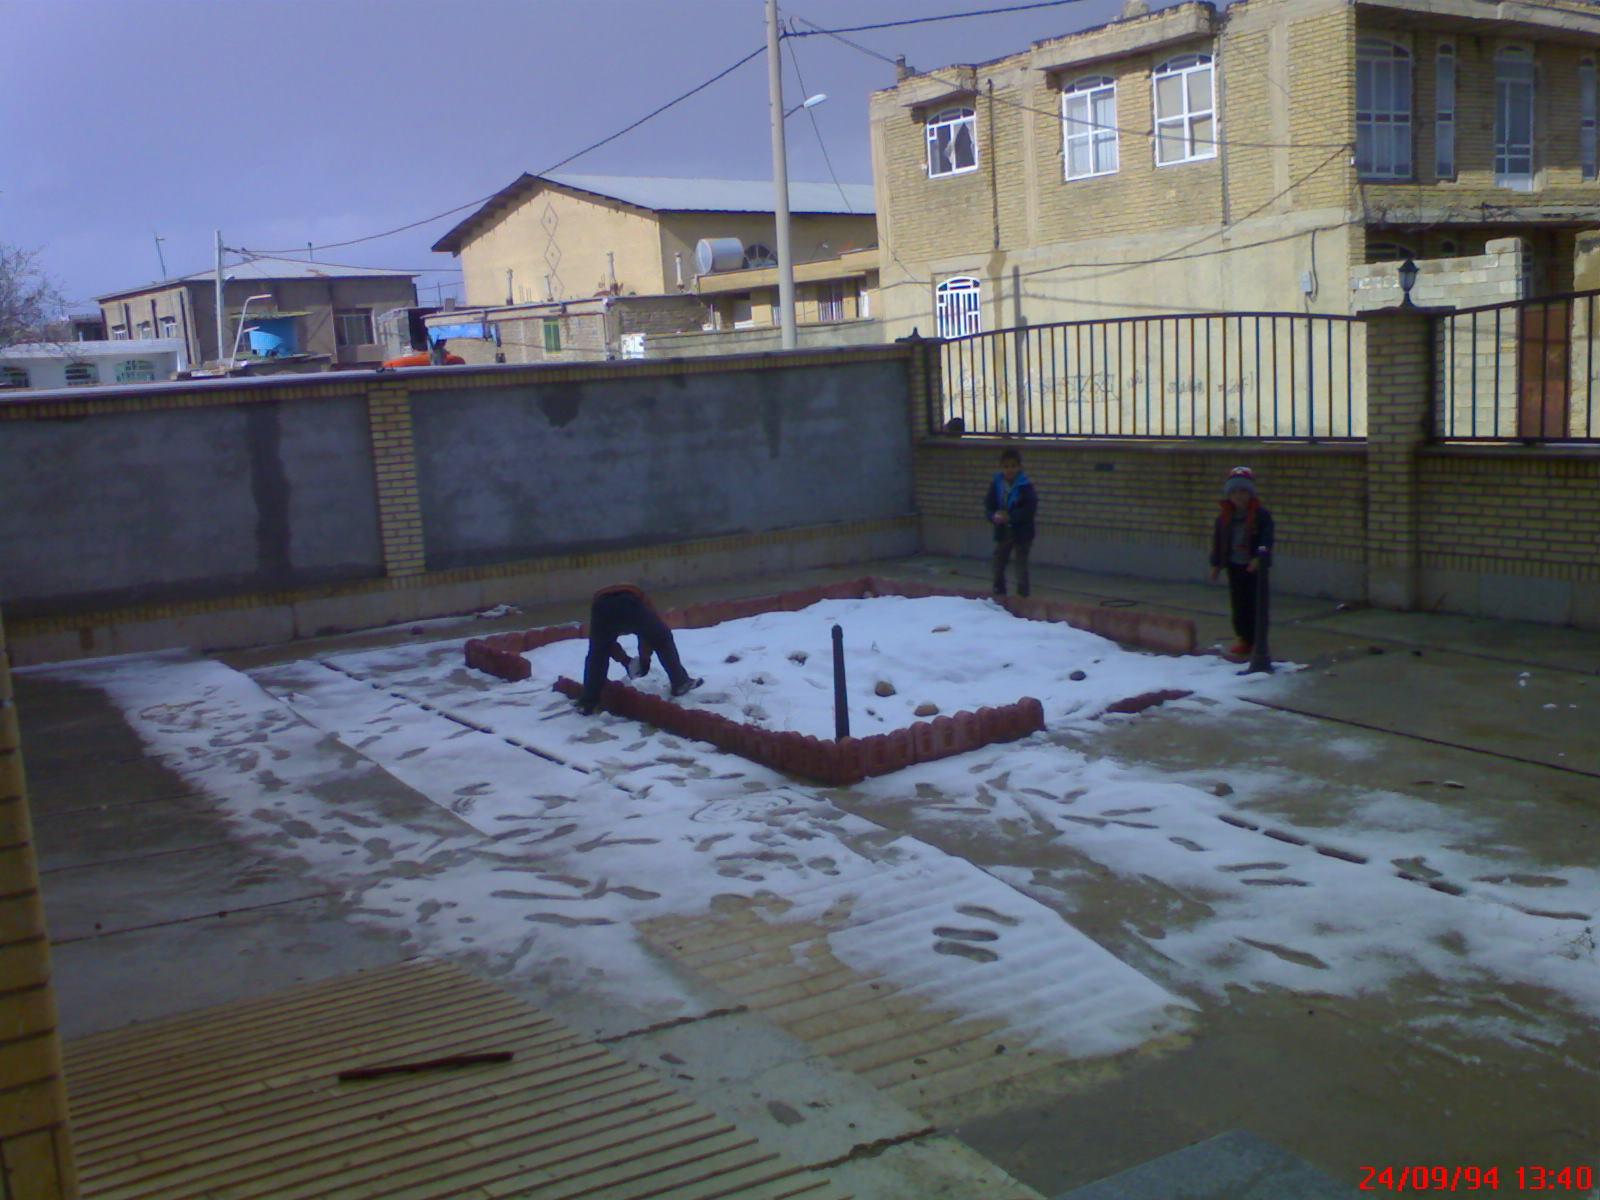 اولین برف زمستانی در شهر خانه زنیان